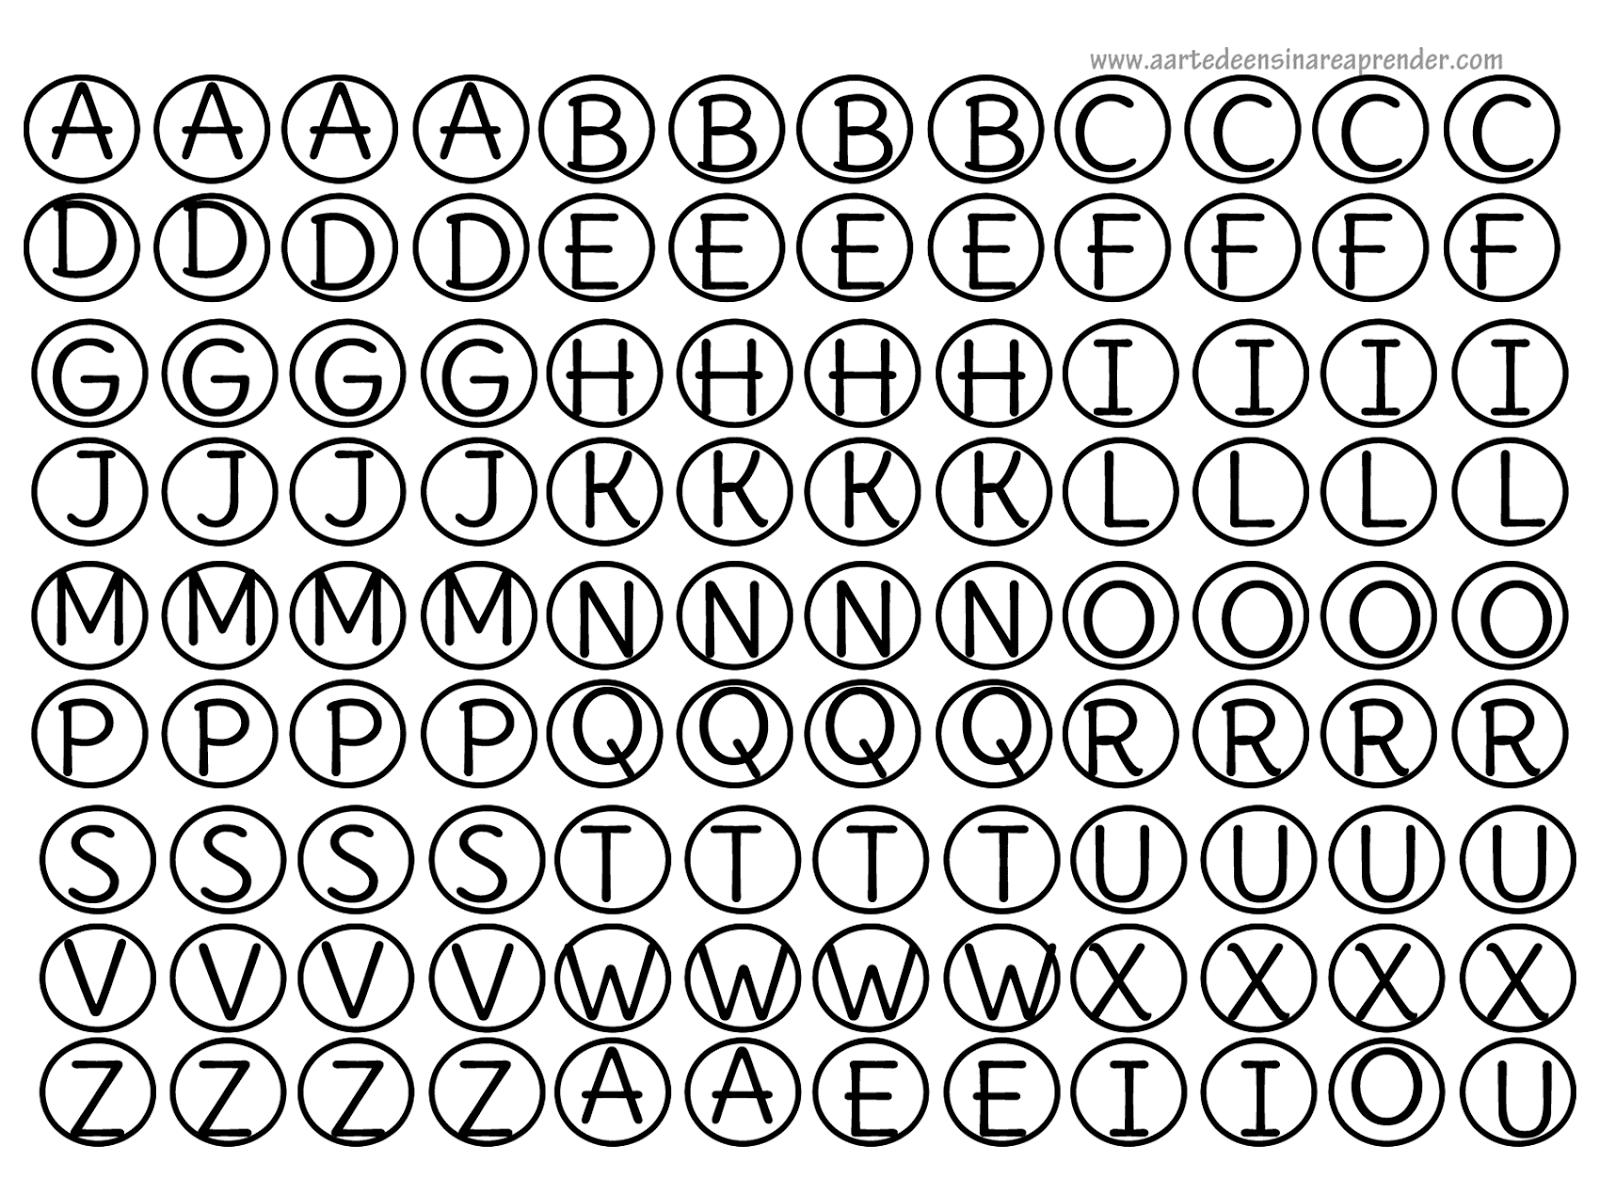 Alfabeto M C3 93vel Png 1600 1194 Caixa De Leitura